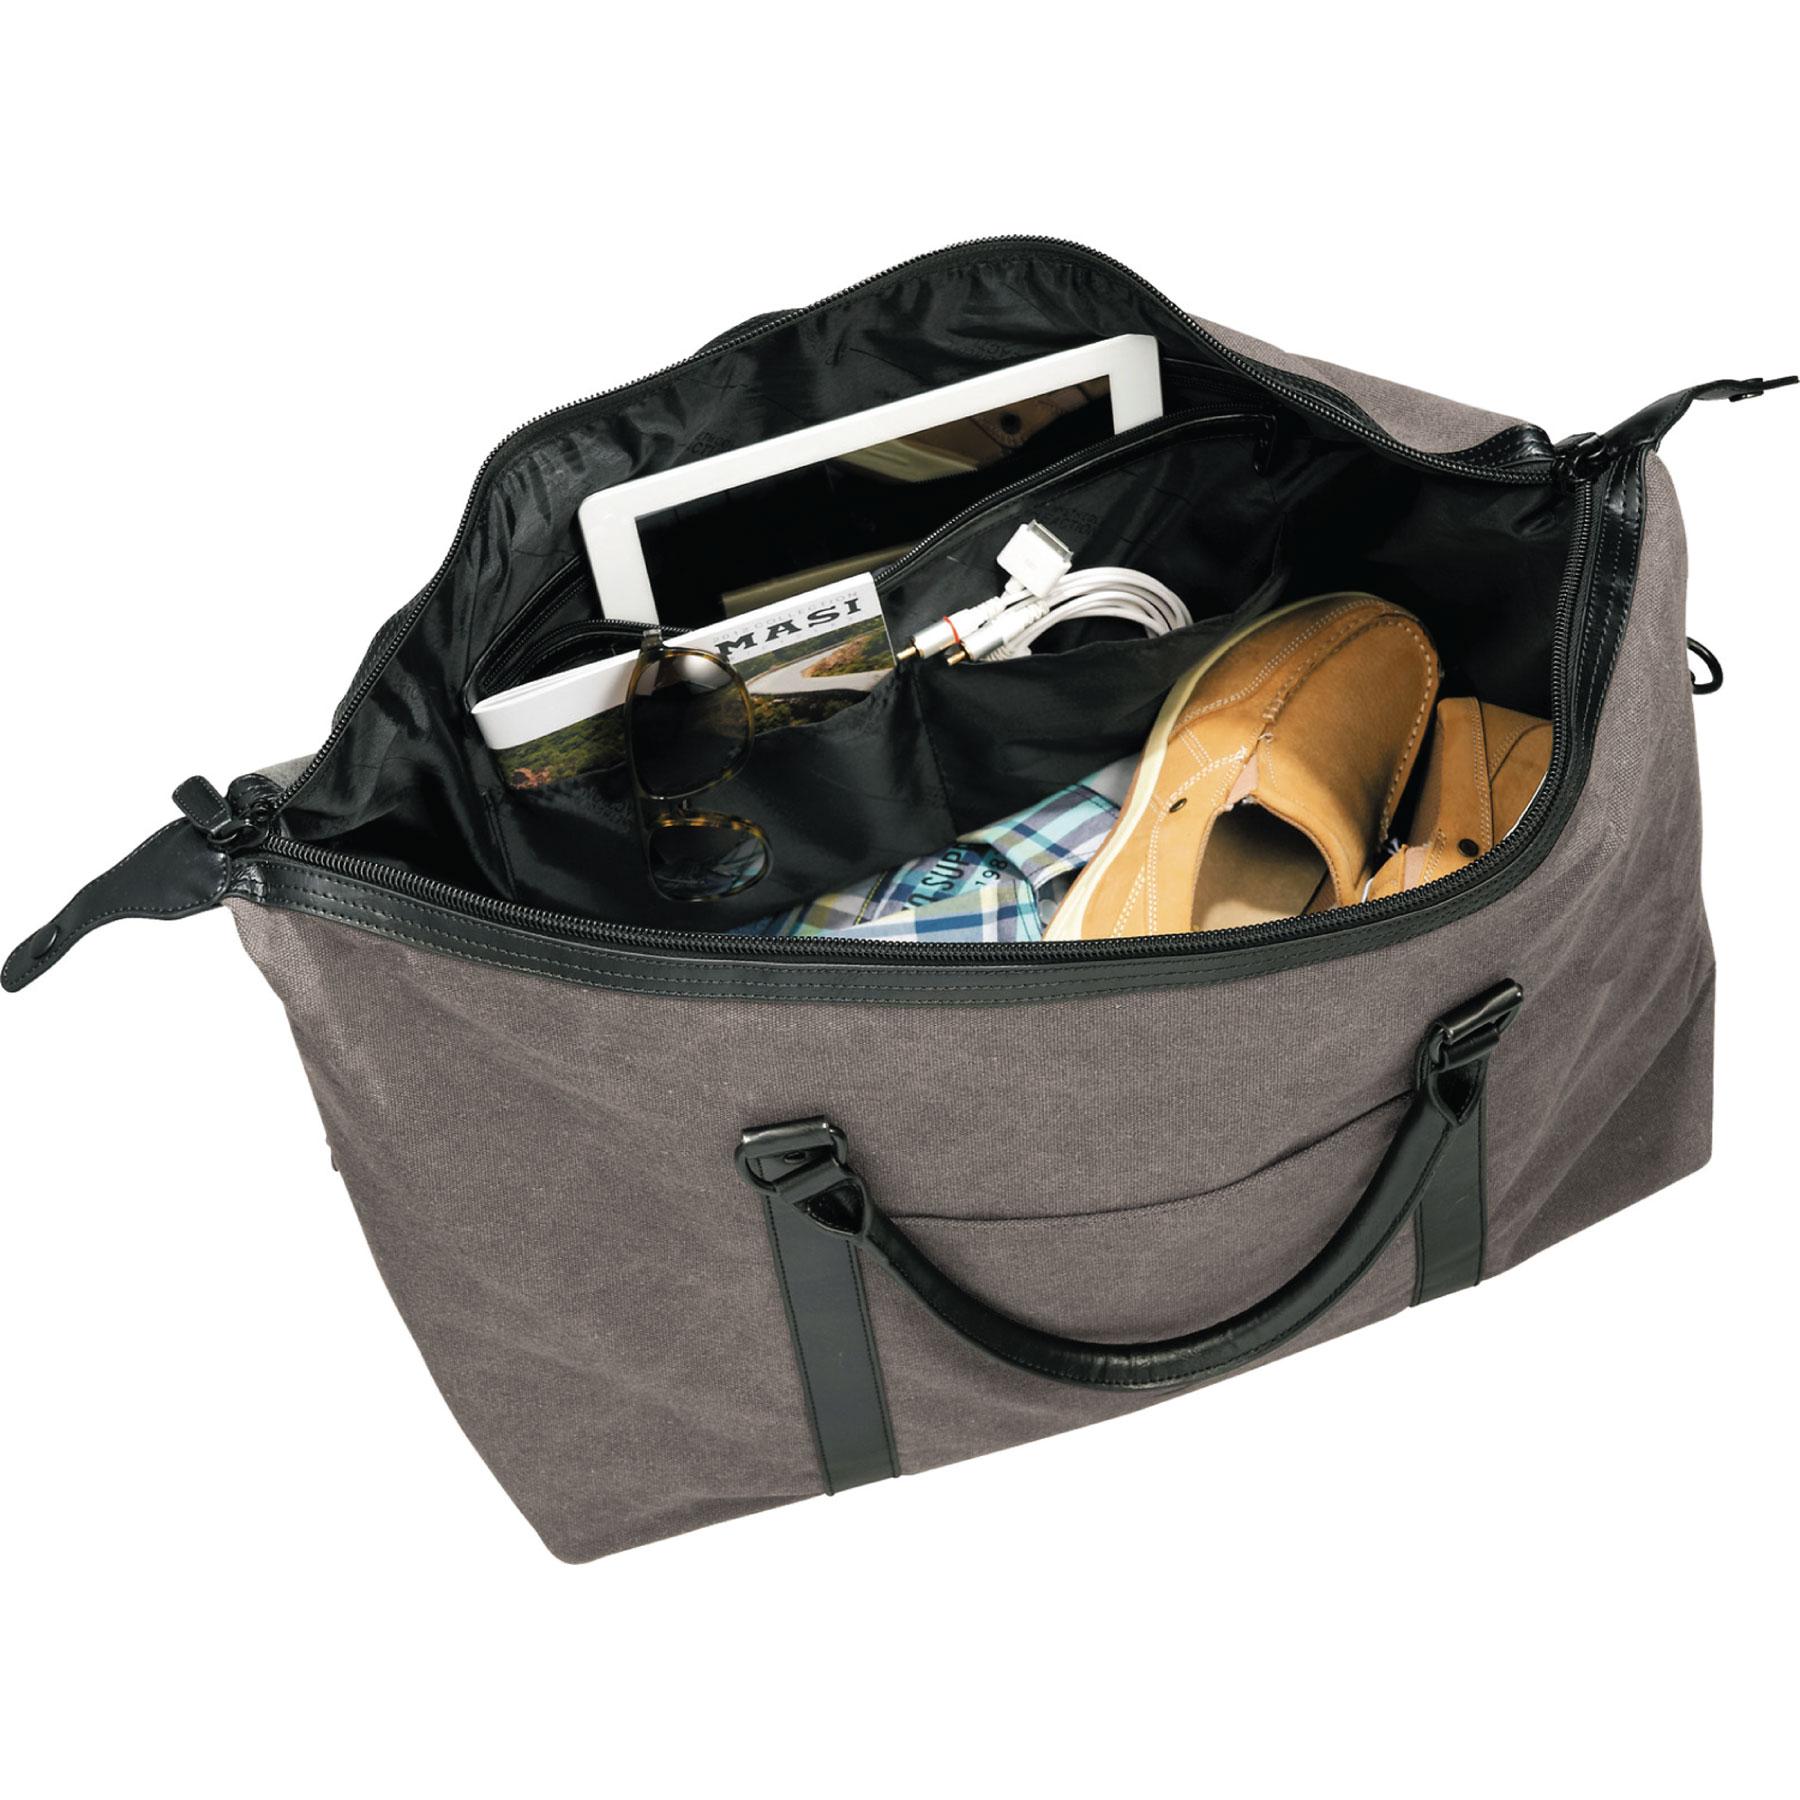 WCR Kenneth Cole® 20 Inch Canvas Duffel Bag - WCR4658